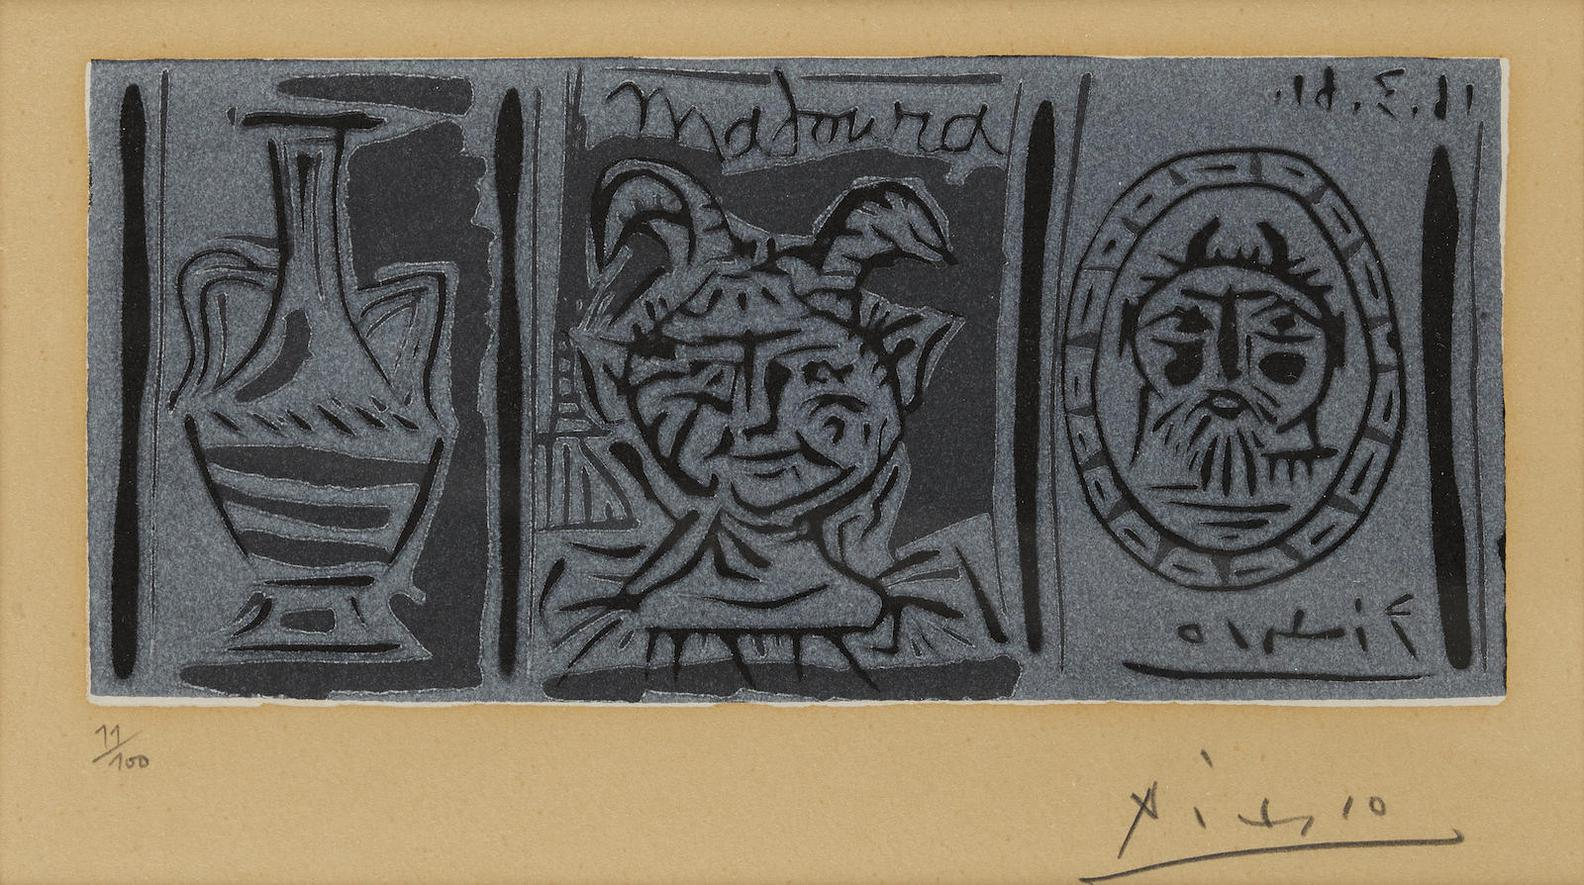 Pablo Picasso-Madoura-1961